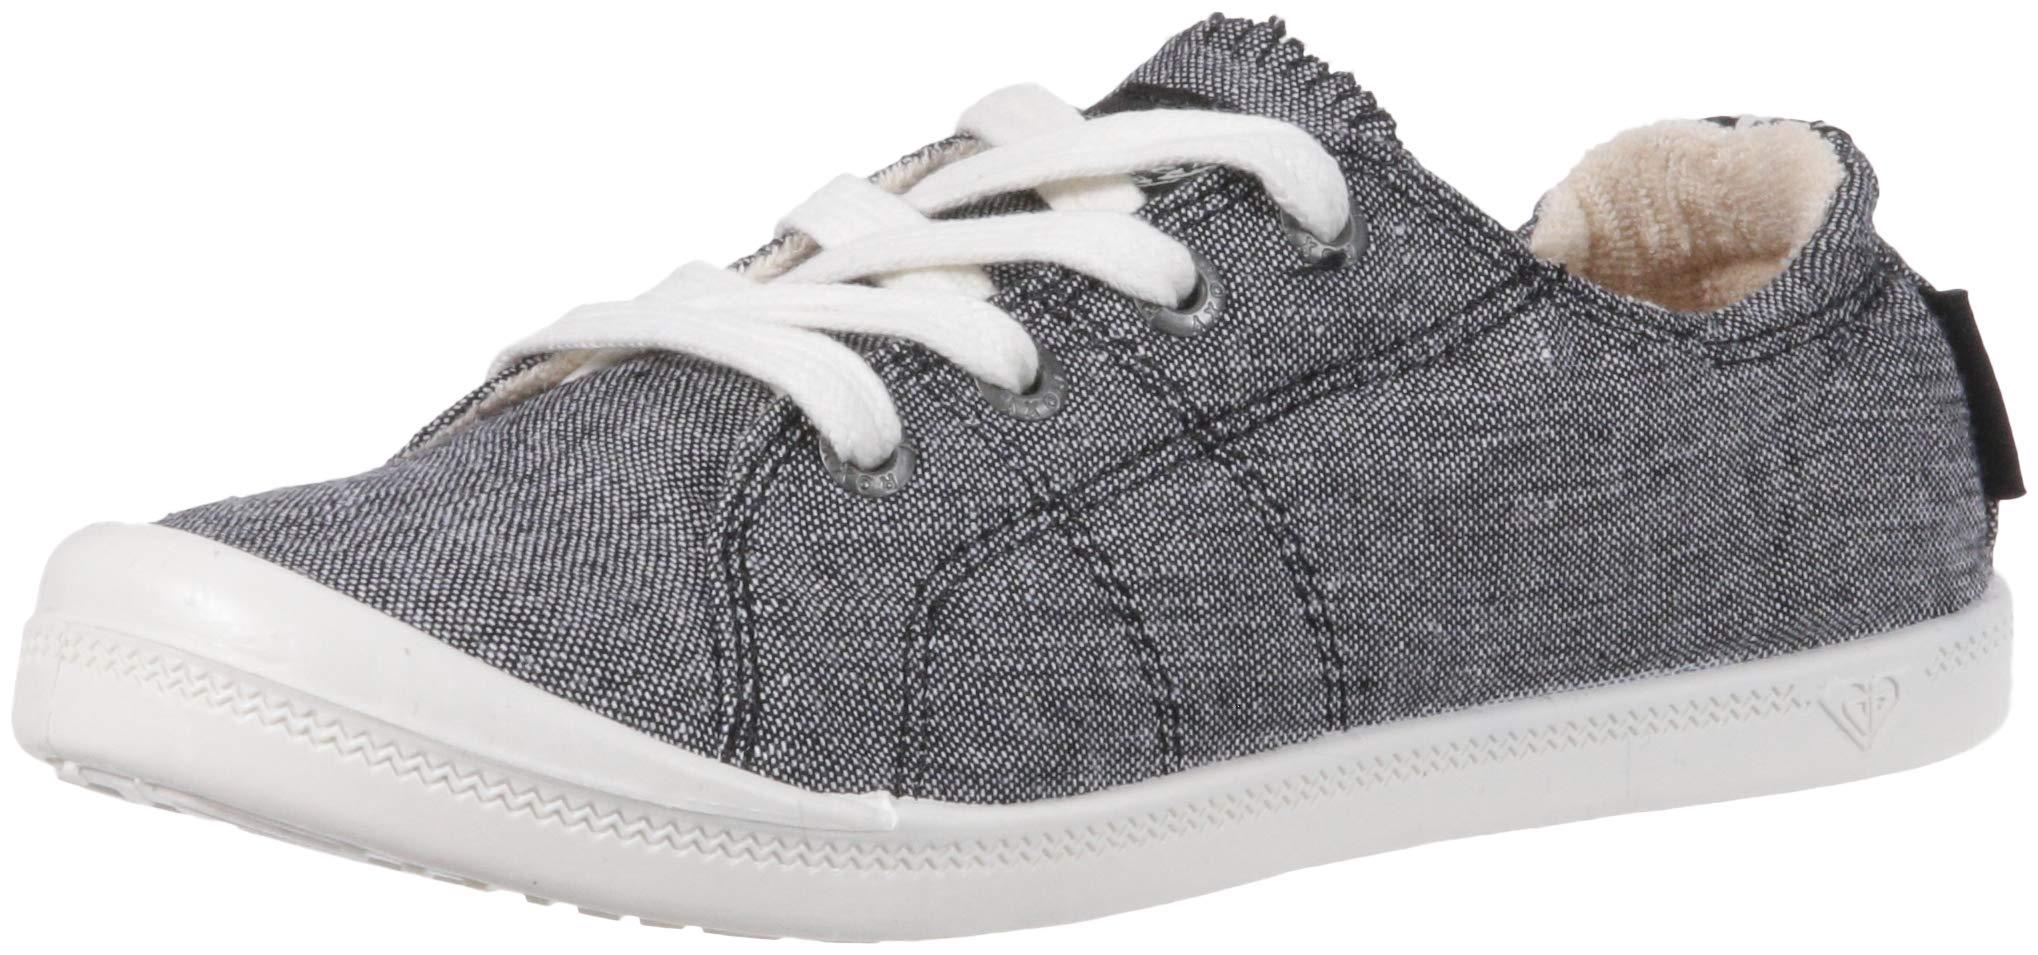 Roxy Women's Bayshore Slip on Shoe Sneaker, Black, 9 by Roxy